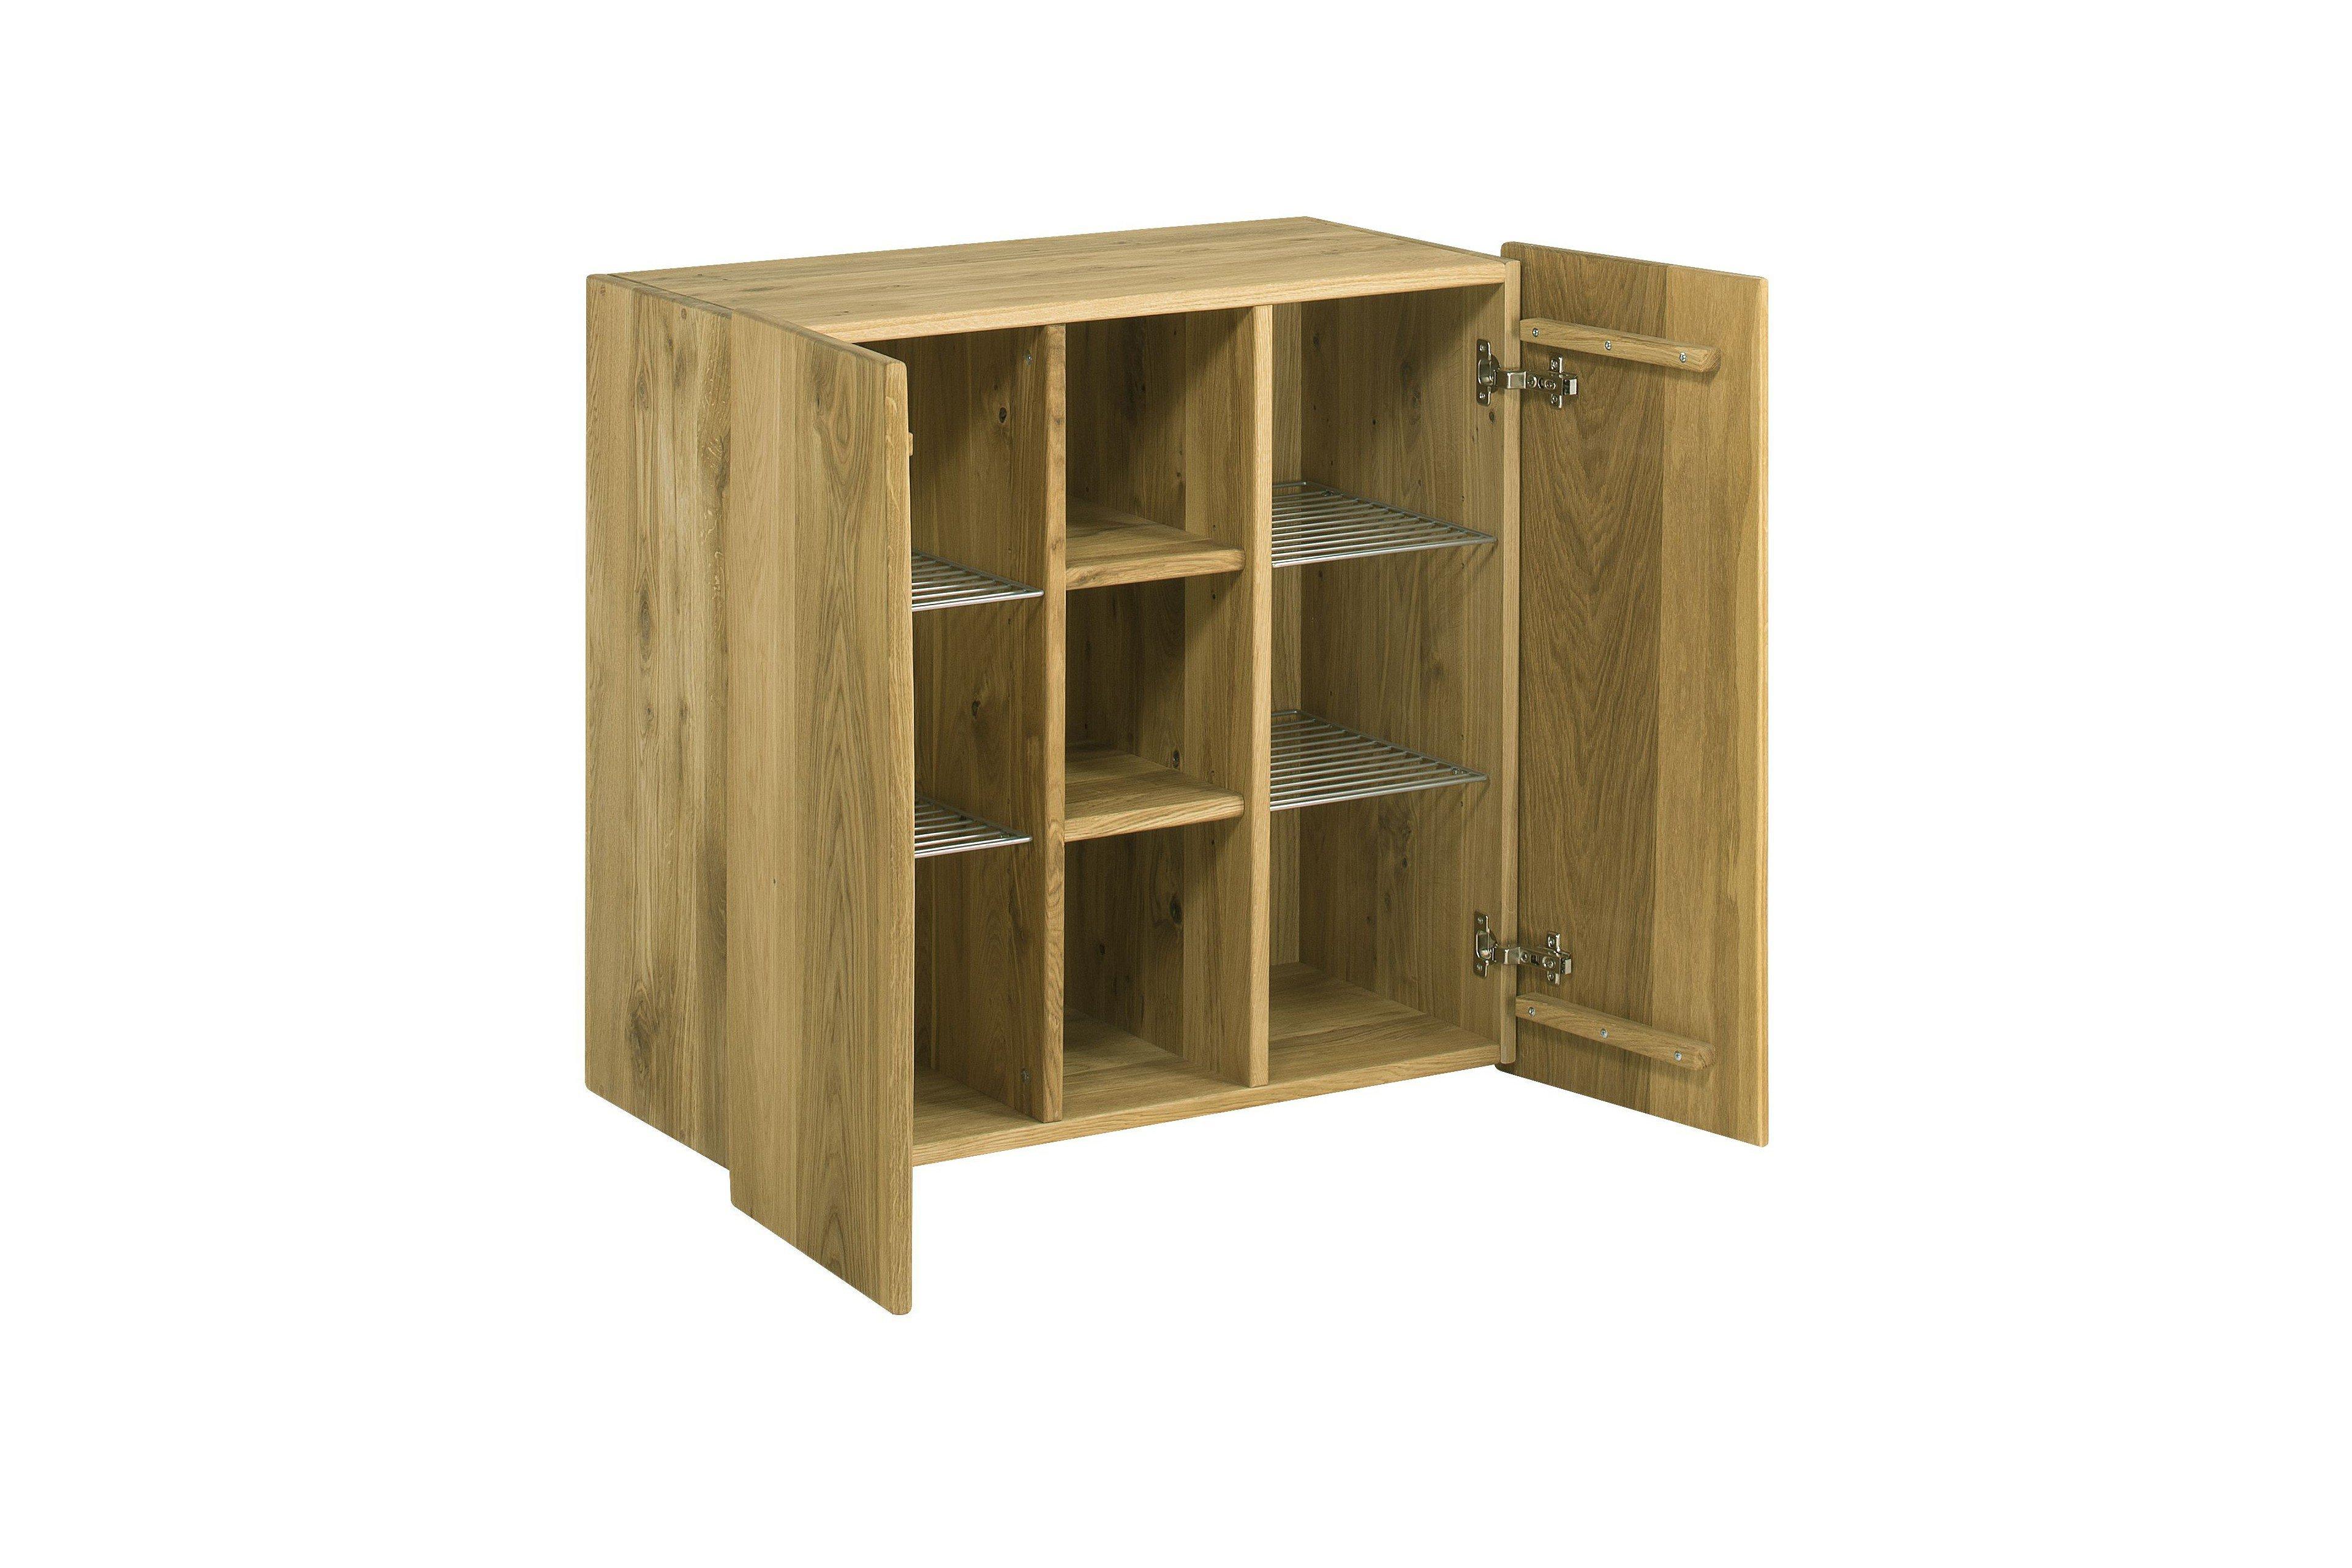 garderobe woodline aus eiche skalik meble m246bel letz